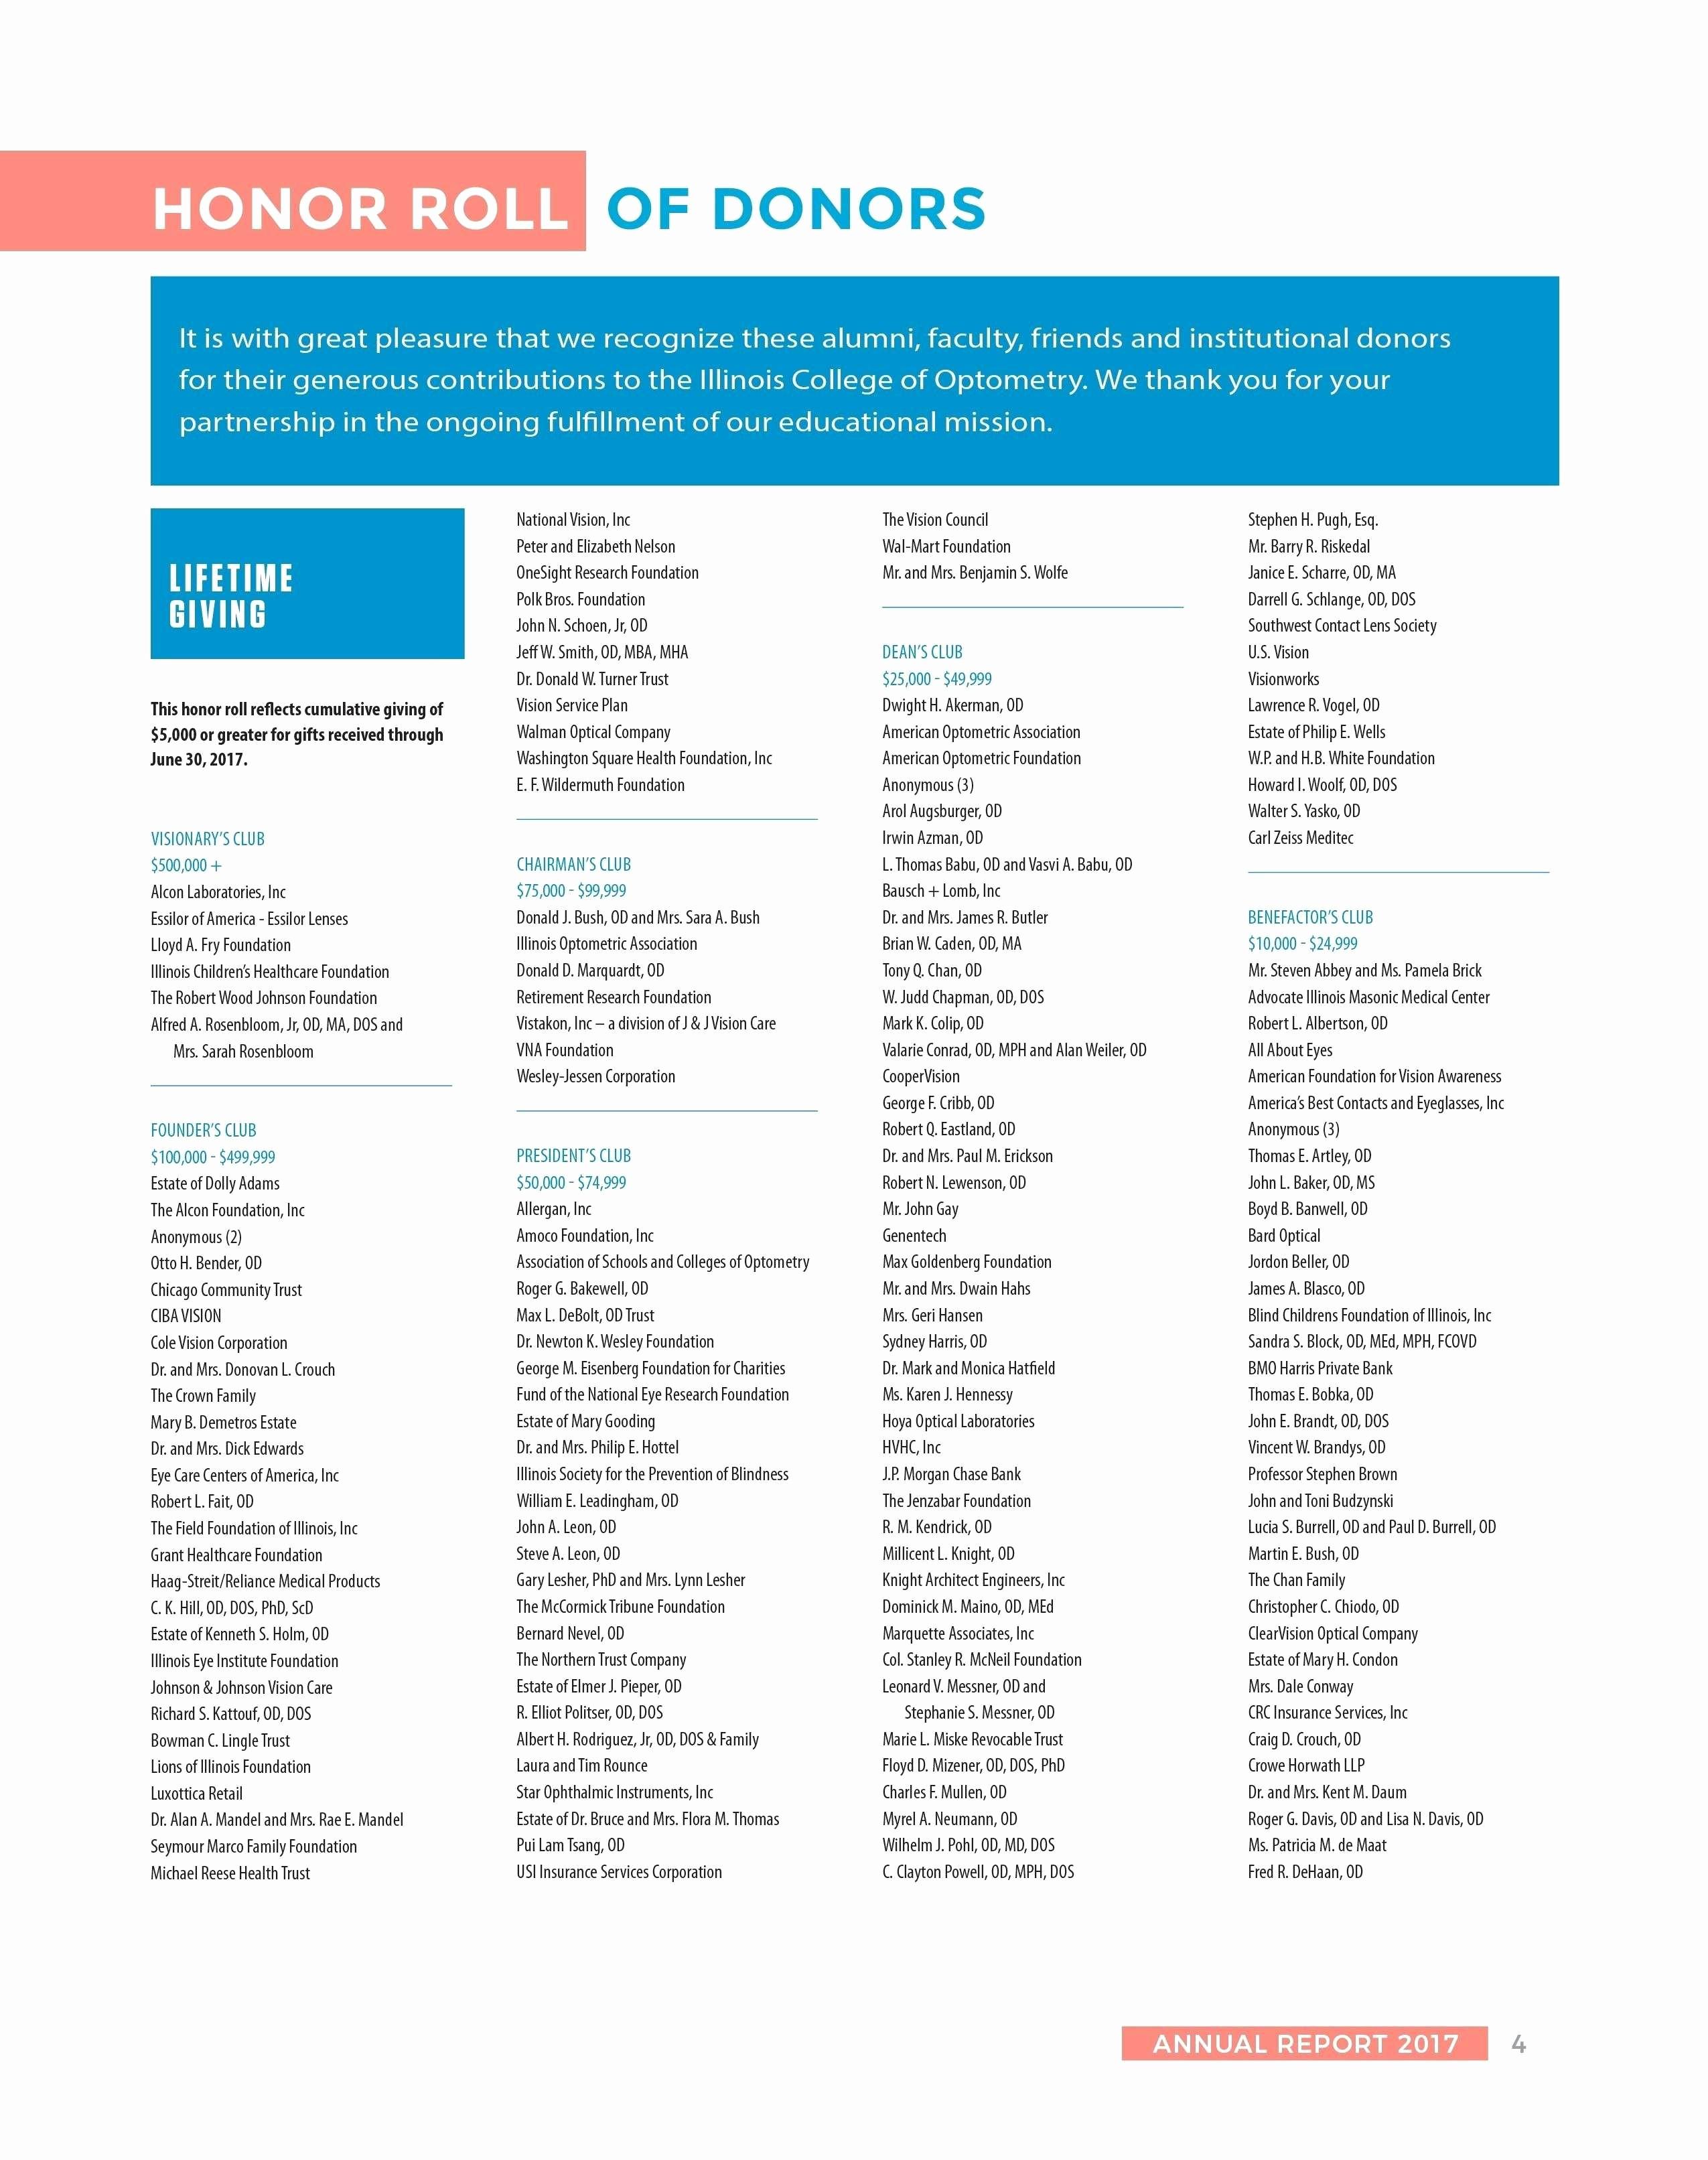 Kalender 2019 Excel Kw Más Recientes Kalender 2015 Excel Vorlage Models New 36 Calendar January 2016 Of Kalender 2019 Excel Kw Actual Kalenderwochen 2017 Excel Genial Kalender 2017 Excel Malvorlagen